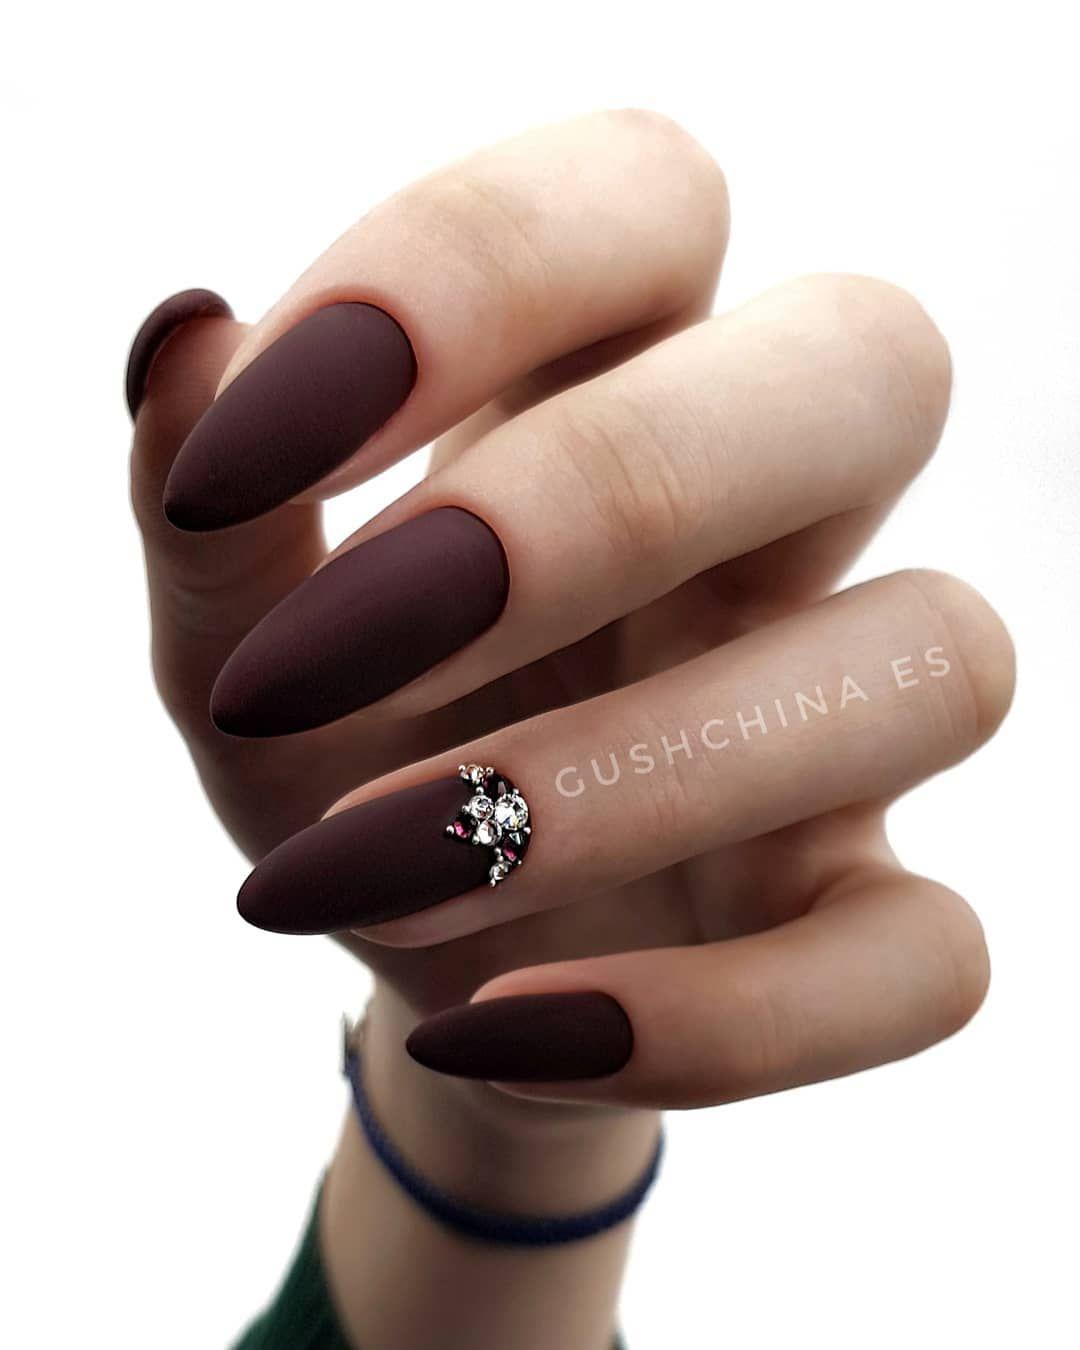 """Маникюр•Наращивание•Тавричанка on Instagram: """"Они шикарны не так ли ? . Какая форма ногтей вам больше нравится ? . Любите ли вы стразы Swarovski ?"""""""